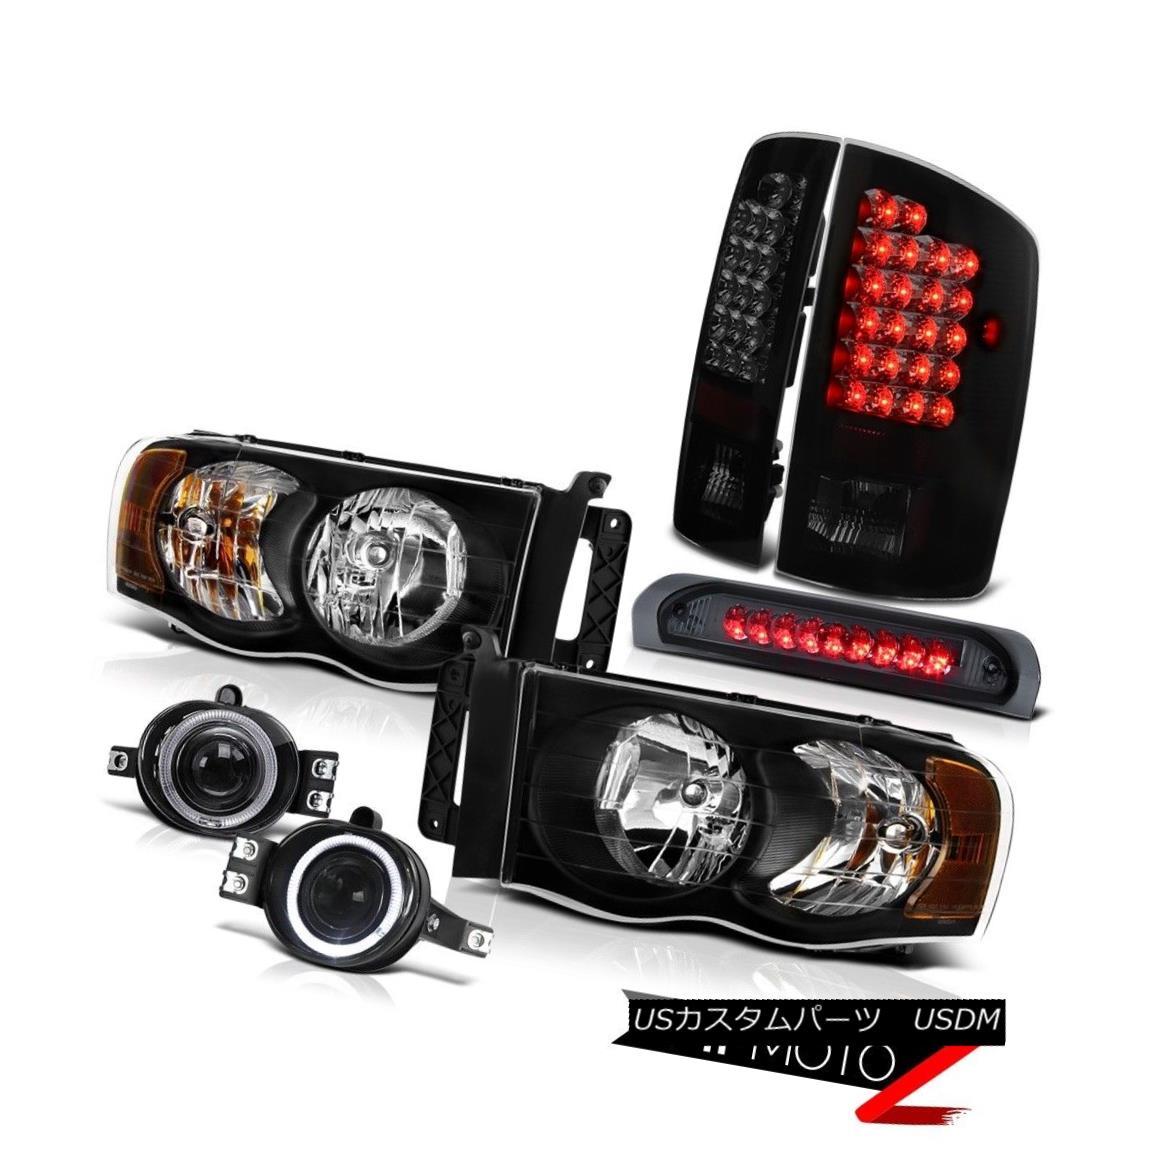 テールライト Ram 3500 03-05 Angel Eye Headlamps+3rd brake+Fog+Sinister Black LED Tail Lights Ram 3500 03-05エンジェルアイヘッドランプ+第3ブレーキ+フォグ+シーニー sterブラックLEDテールライト